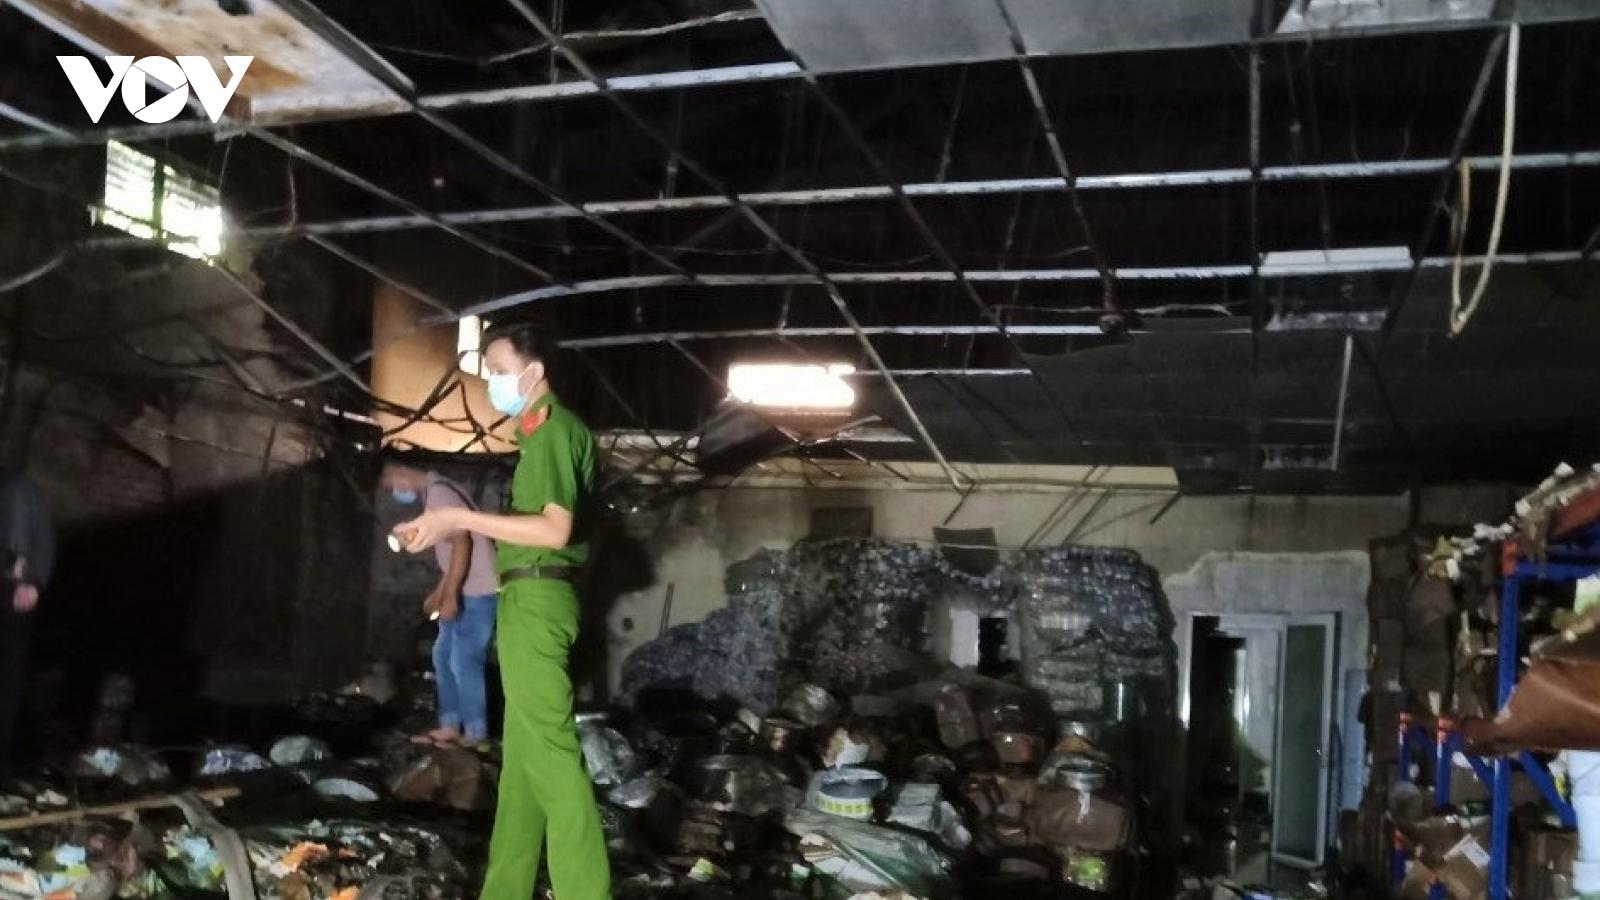 Cháy kho chứa bao bì ở Cần Thơ ngay trong đêm, thiệt hại gần 1,5 tỷ